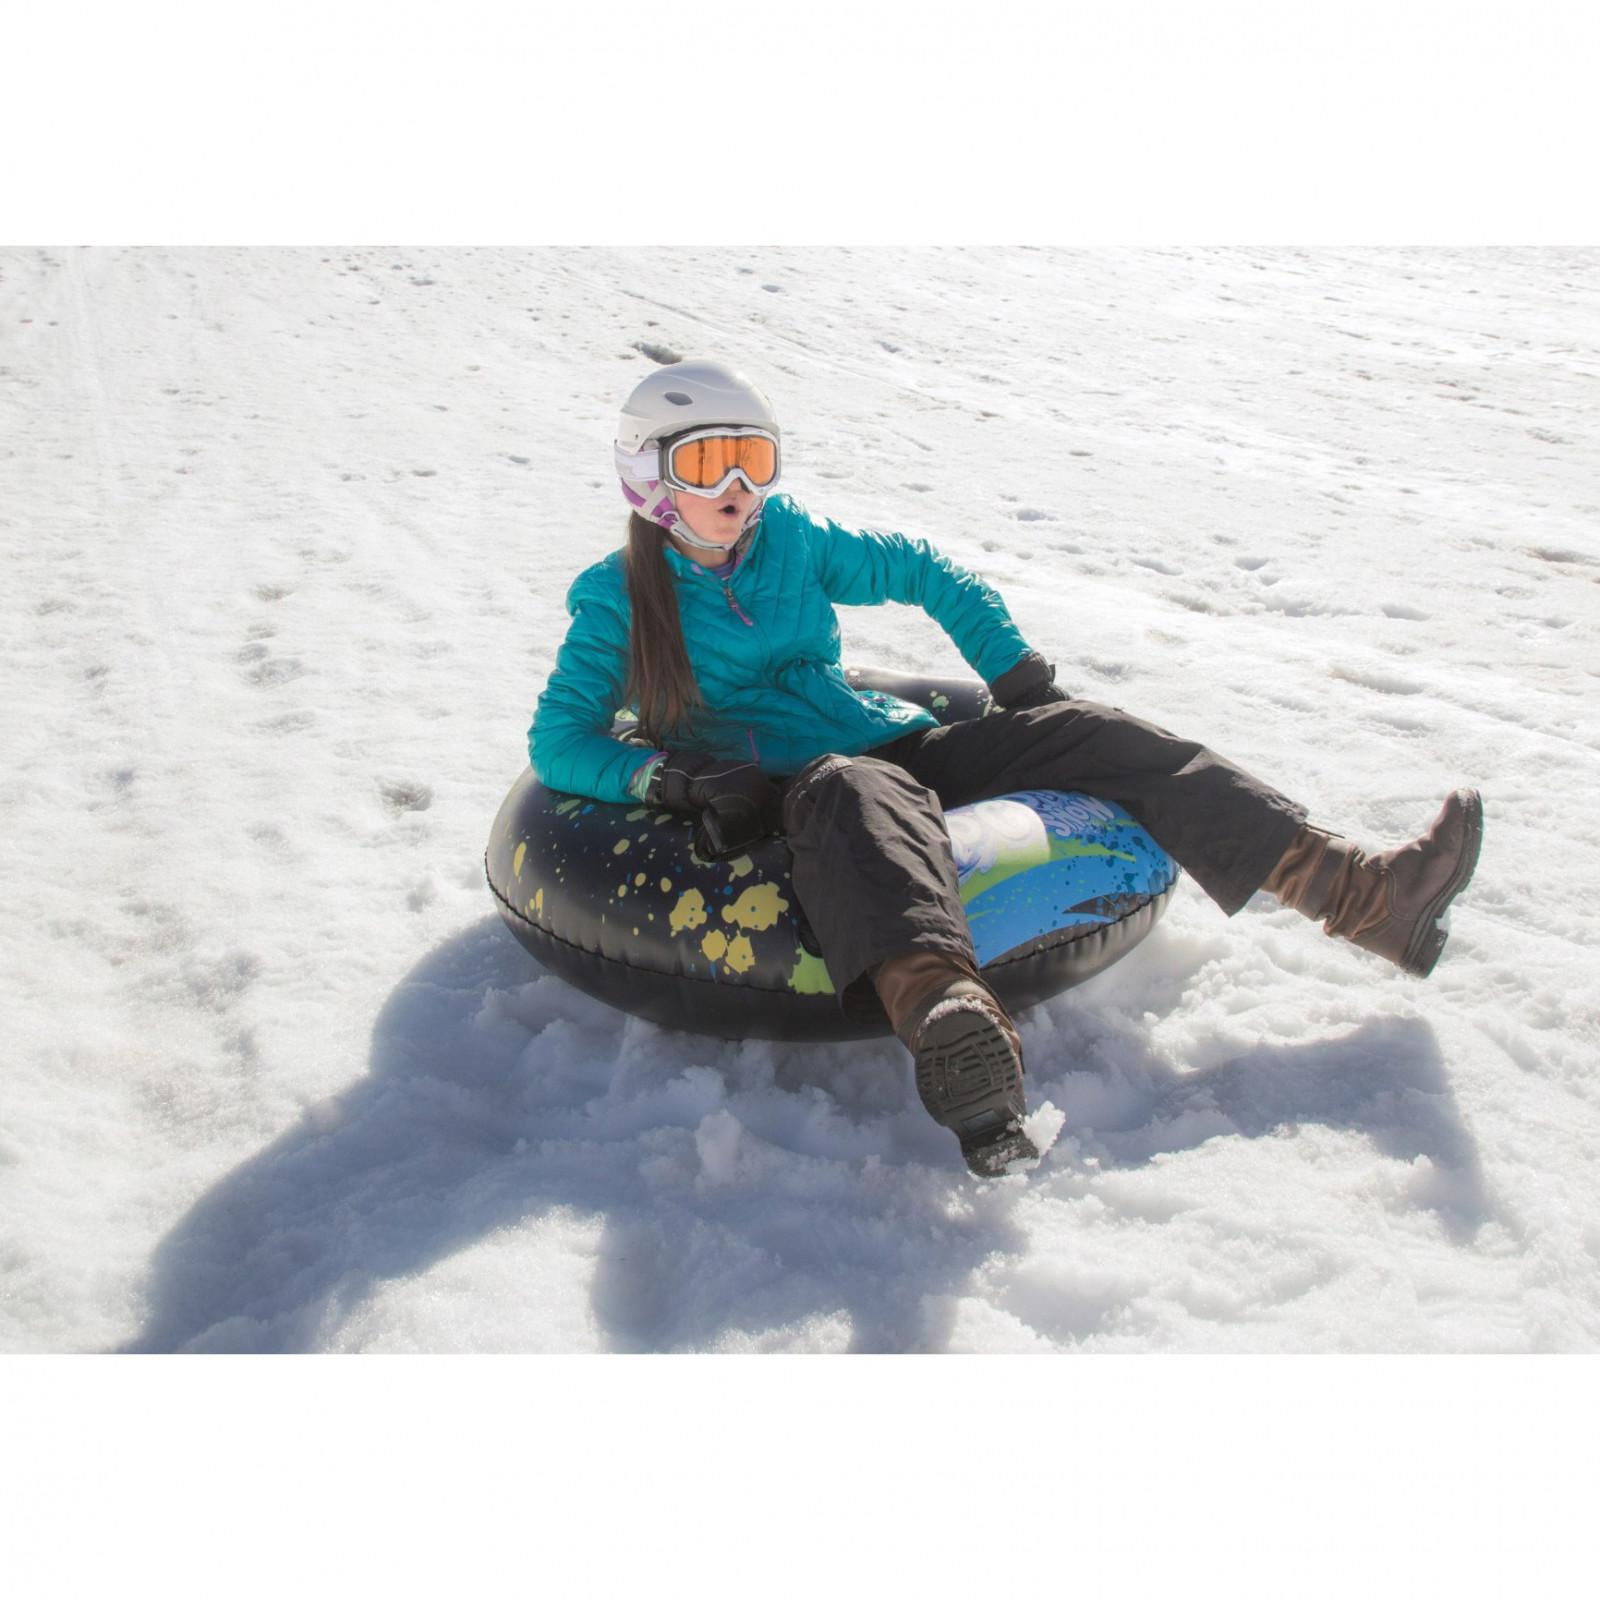 Nafukovacie koleso na šmýkanie na snehu s úchytmi megamix.sk